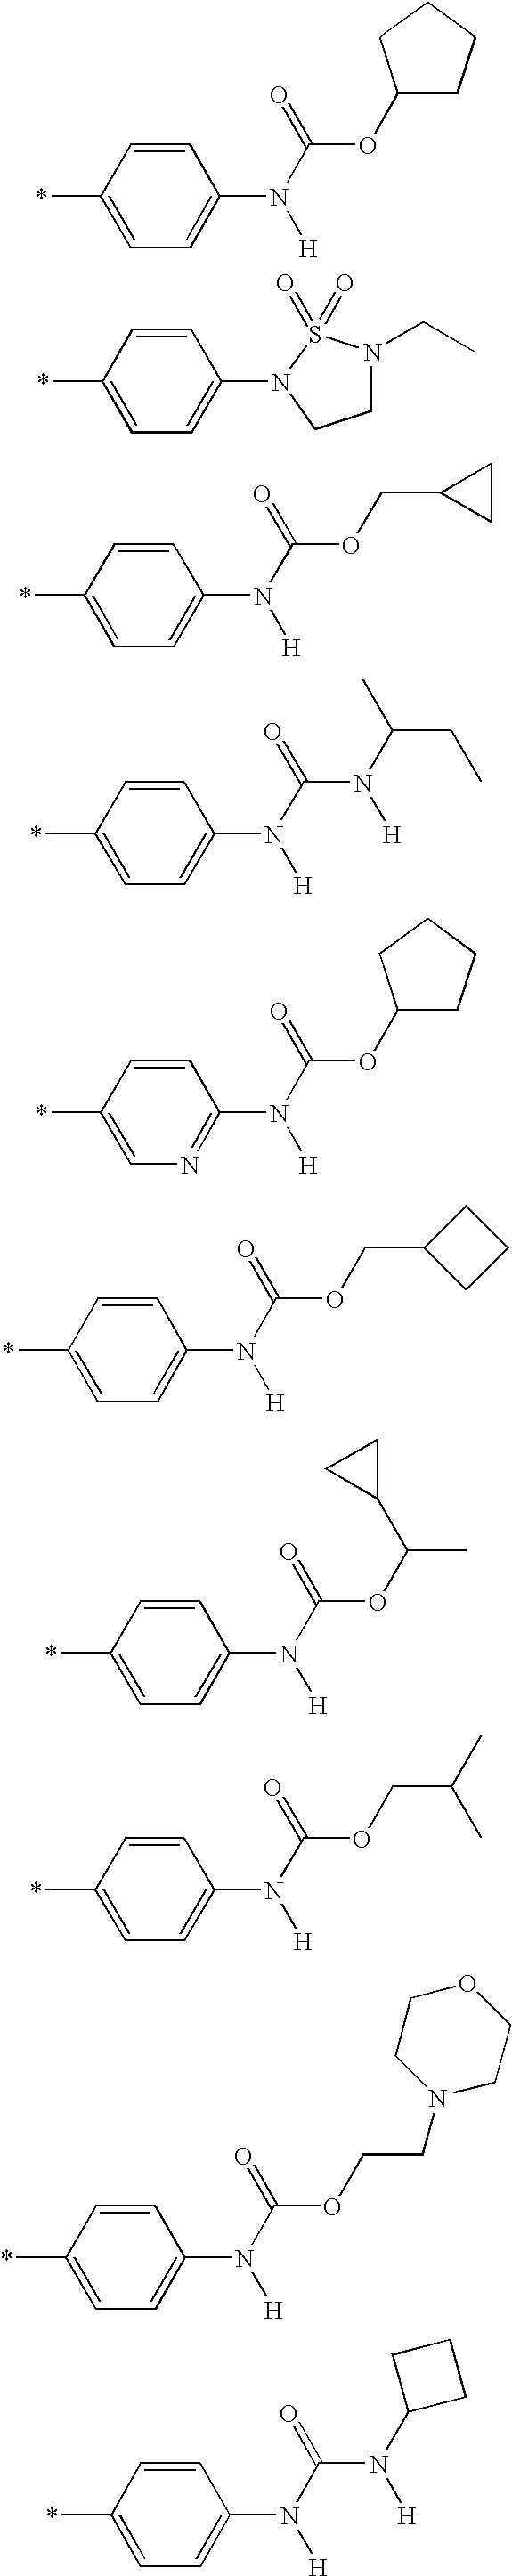 Figure US07781478-20100824-C00141